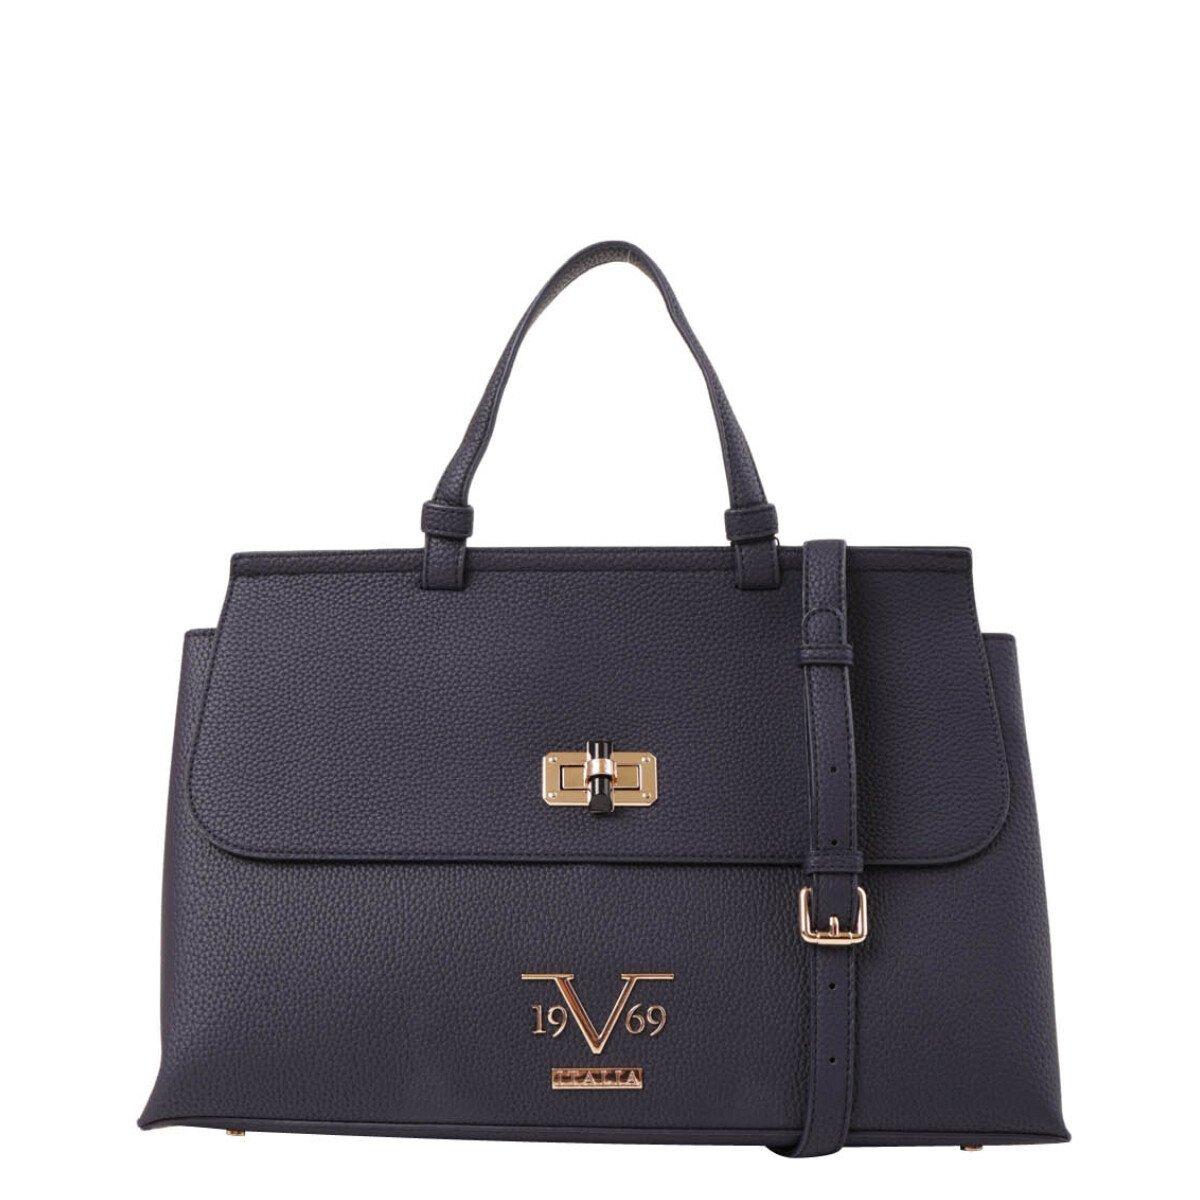 19v69 Italia Women's Handbag Various Colours 318989 - blue UNICA